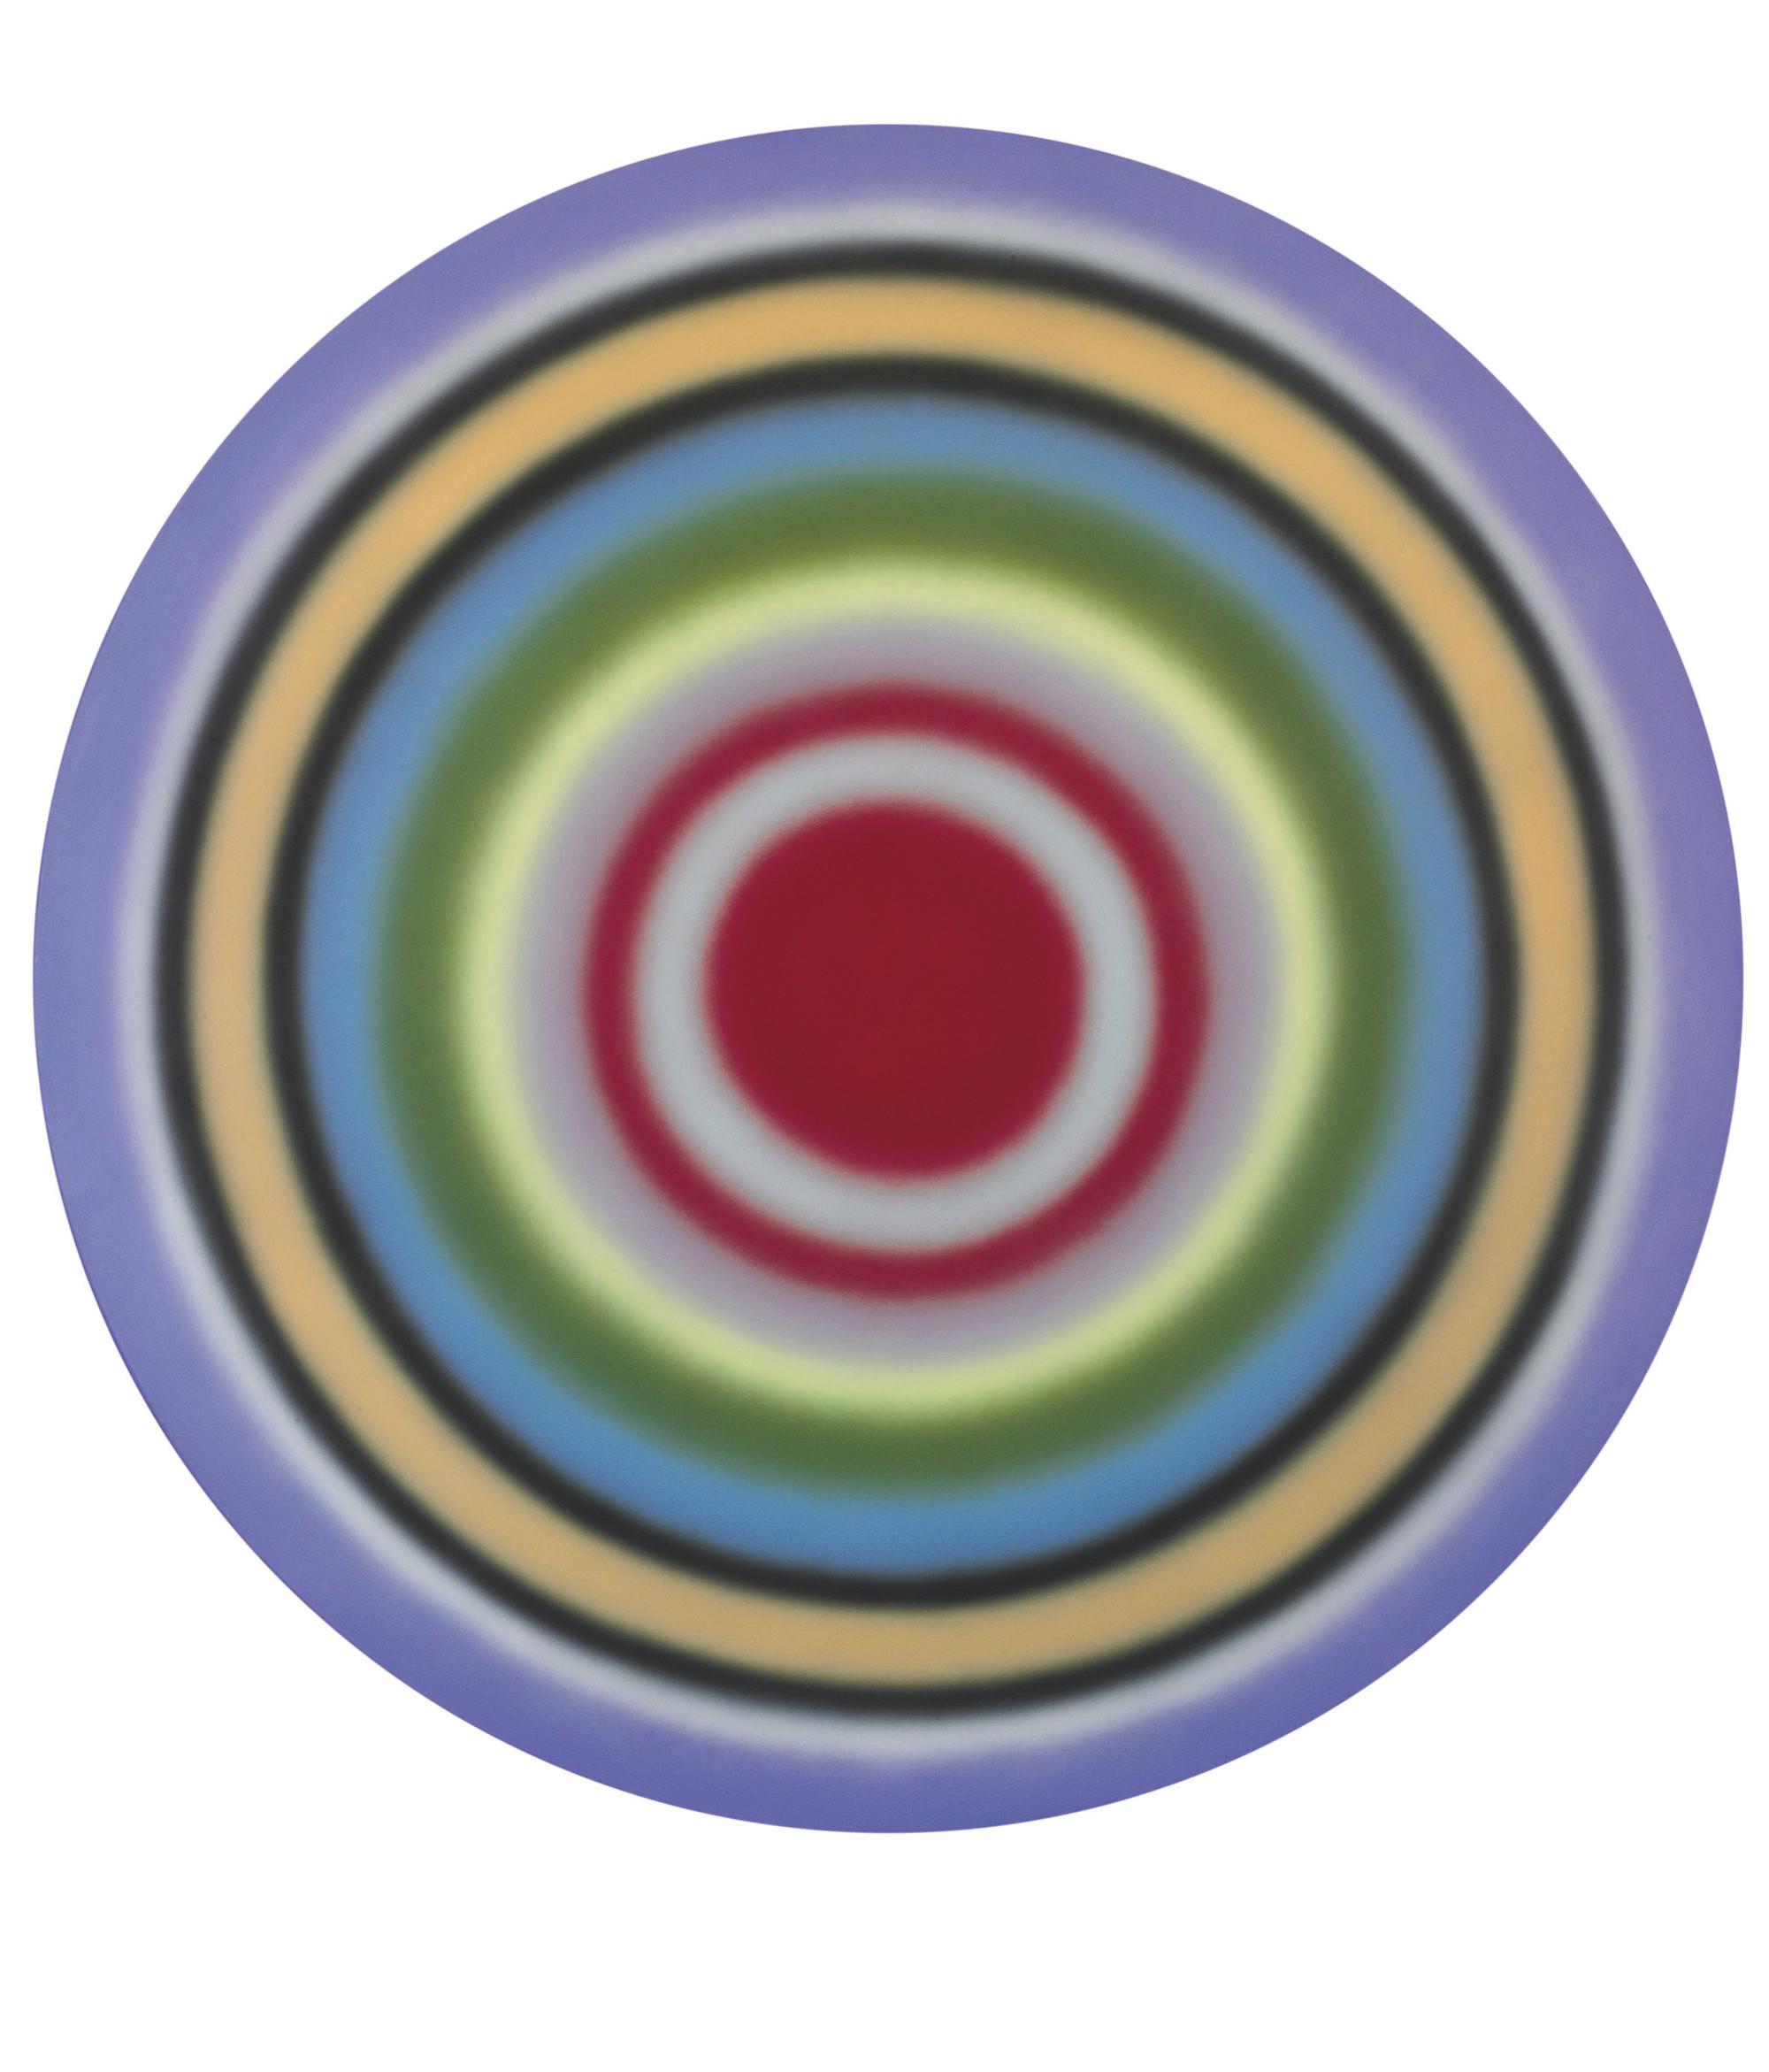 No. 91 - Dreiundzwanzigstermaineunzehnundertsiebenundneunzig